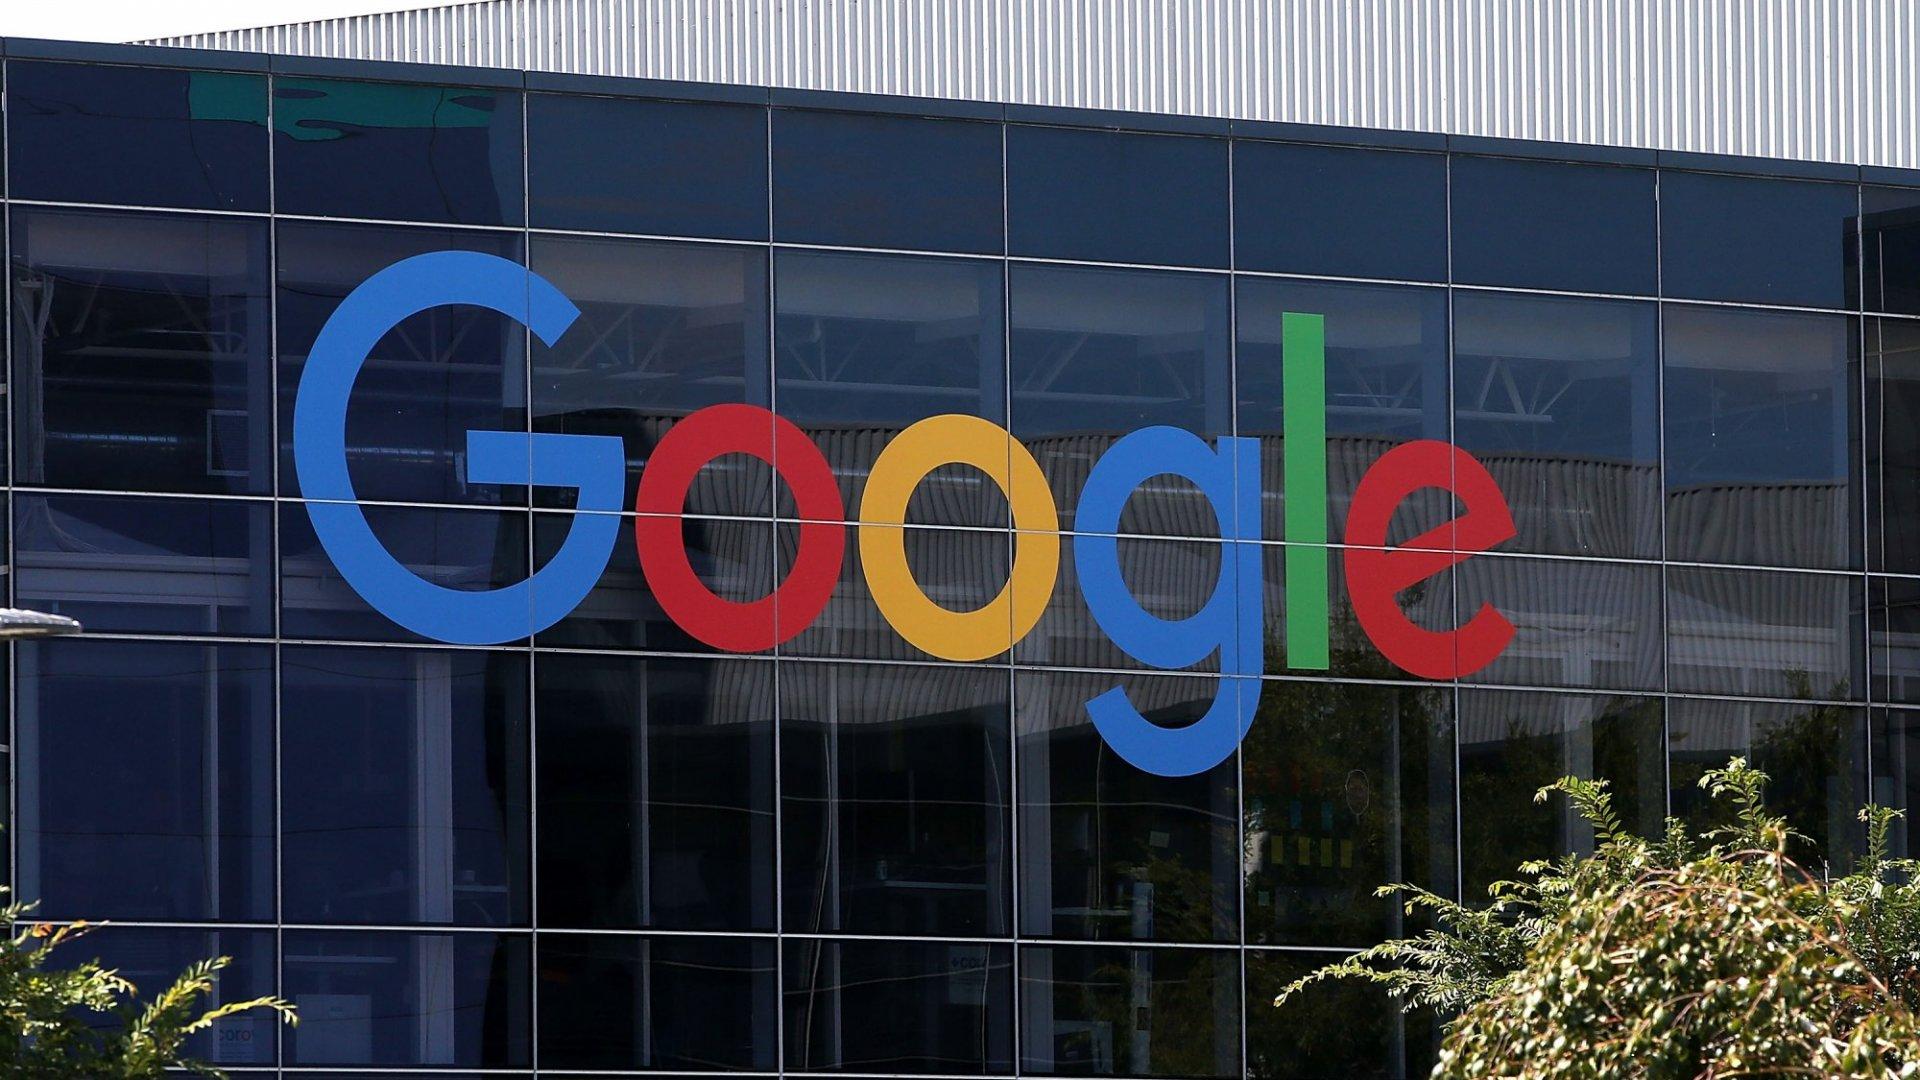 فهرستی از دشوارترین و ژرفترین سوالاتی که گوگل در مصاحبه استخدامی از داوطبان میپرسد